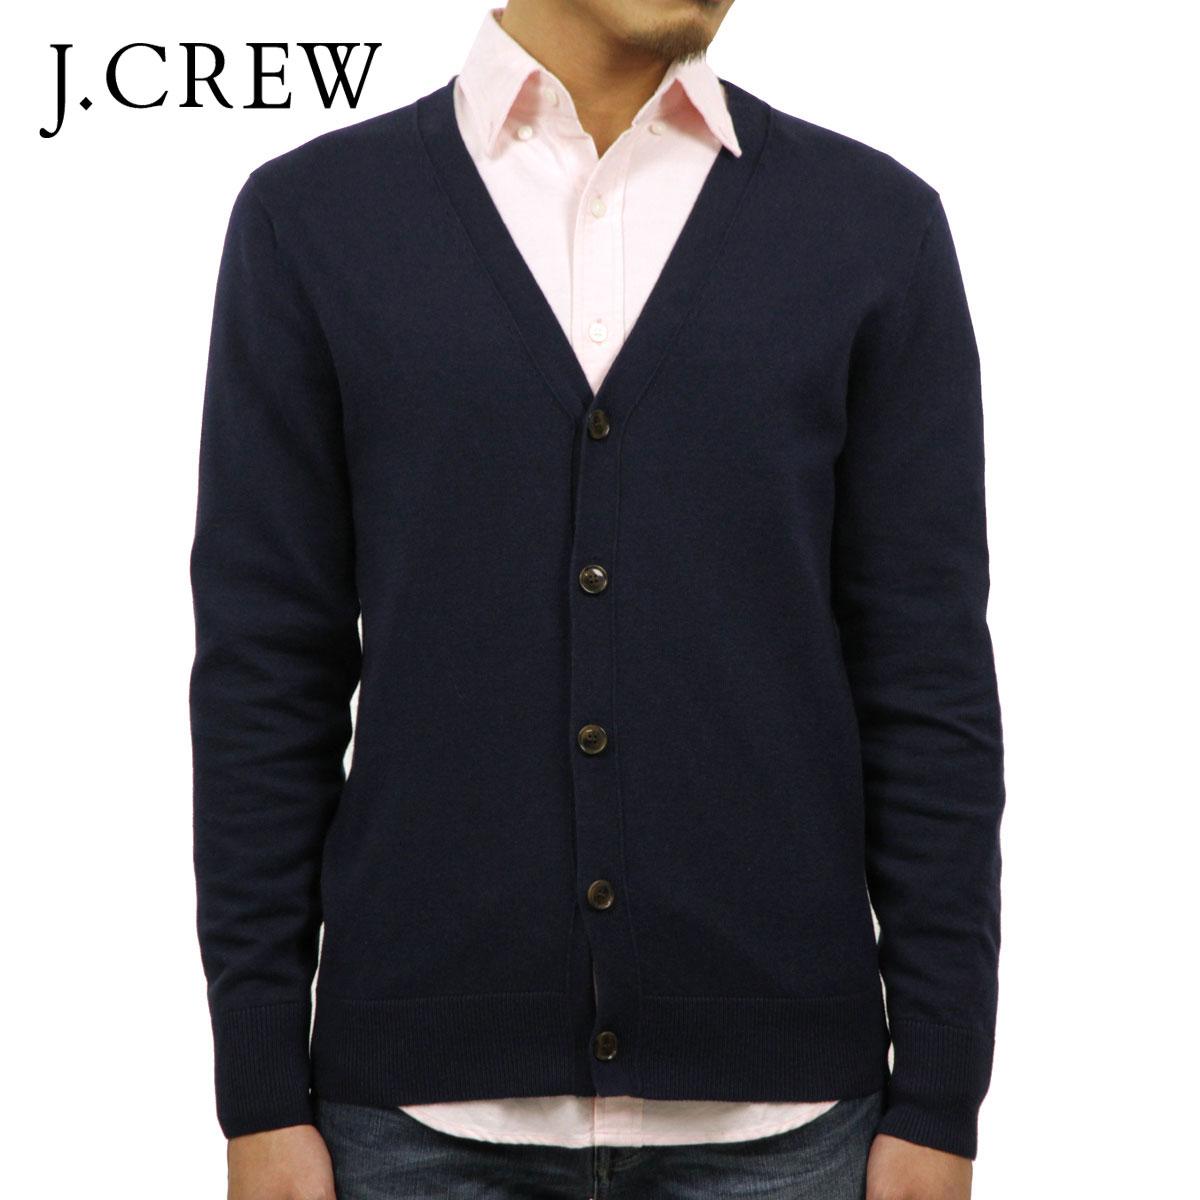 ジェイクルー J.CREW 正規品 メンズ カーディガン CARDIGAN SWEATER IN PERFECT MERINO WOOL BLEND NAVY J7101